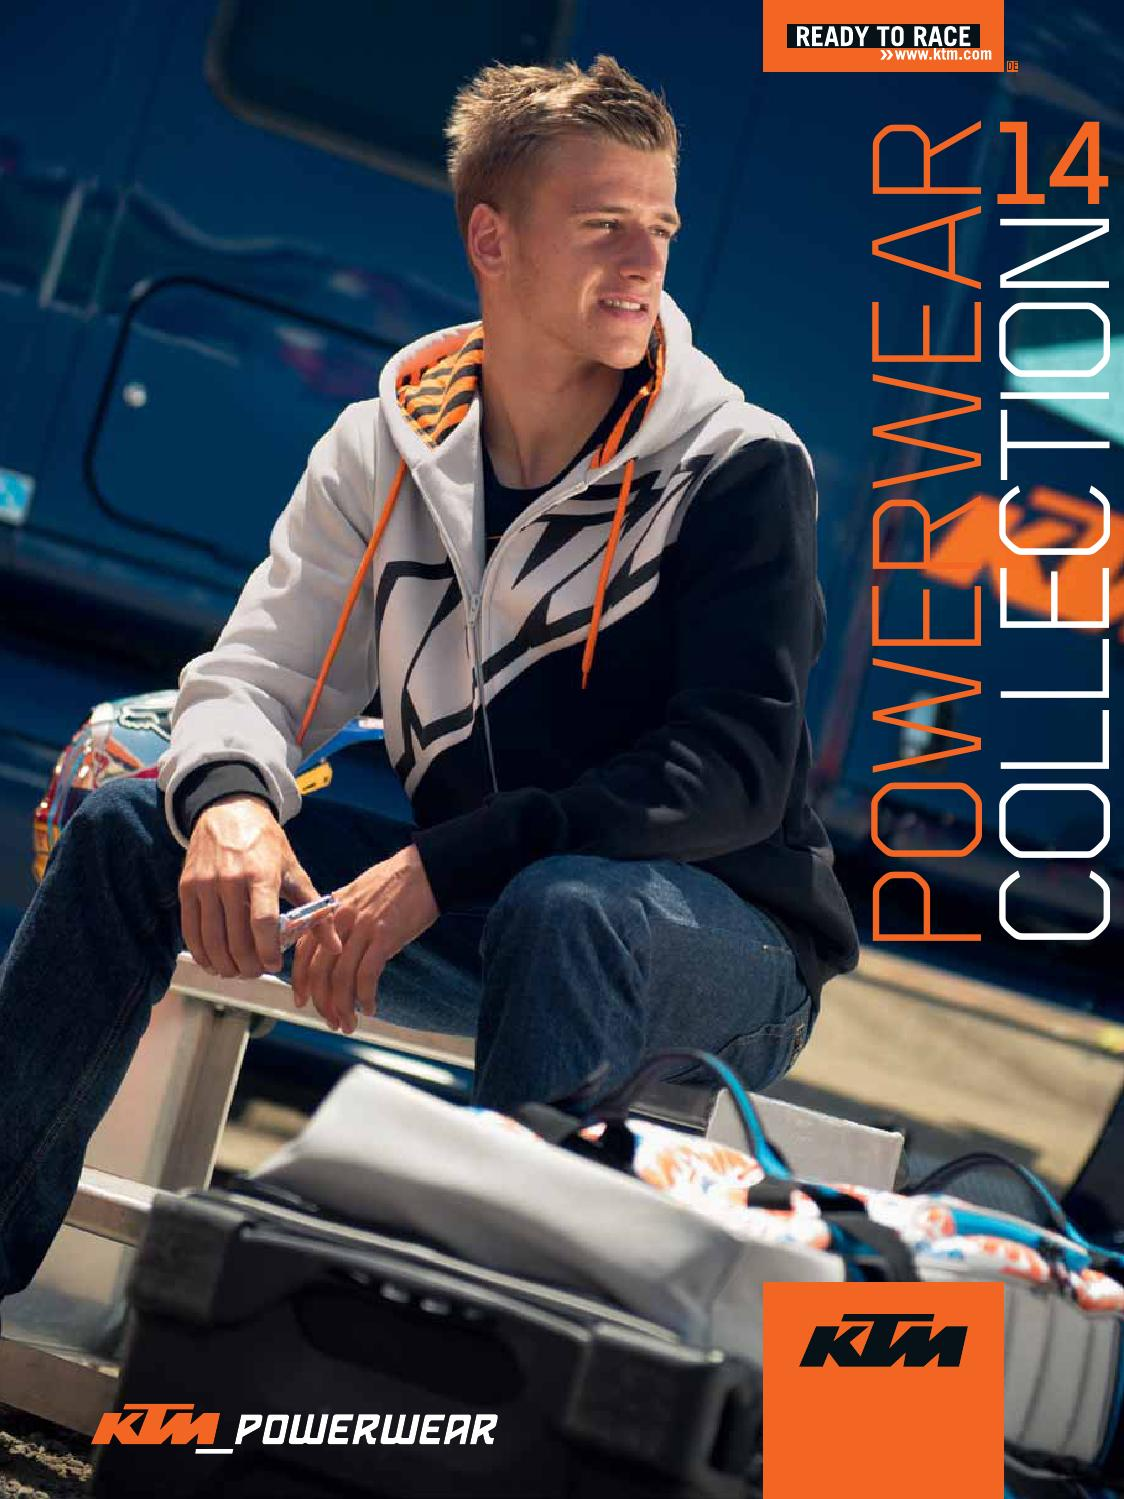 KTM PowerWear Catalogue 2014 Deutsch by KTM GROUP issuu